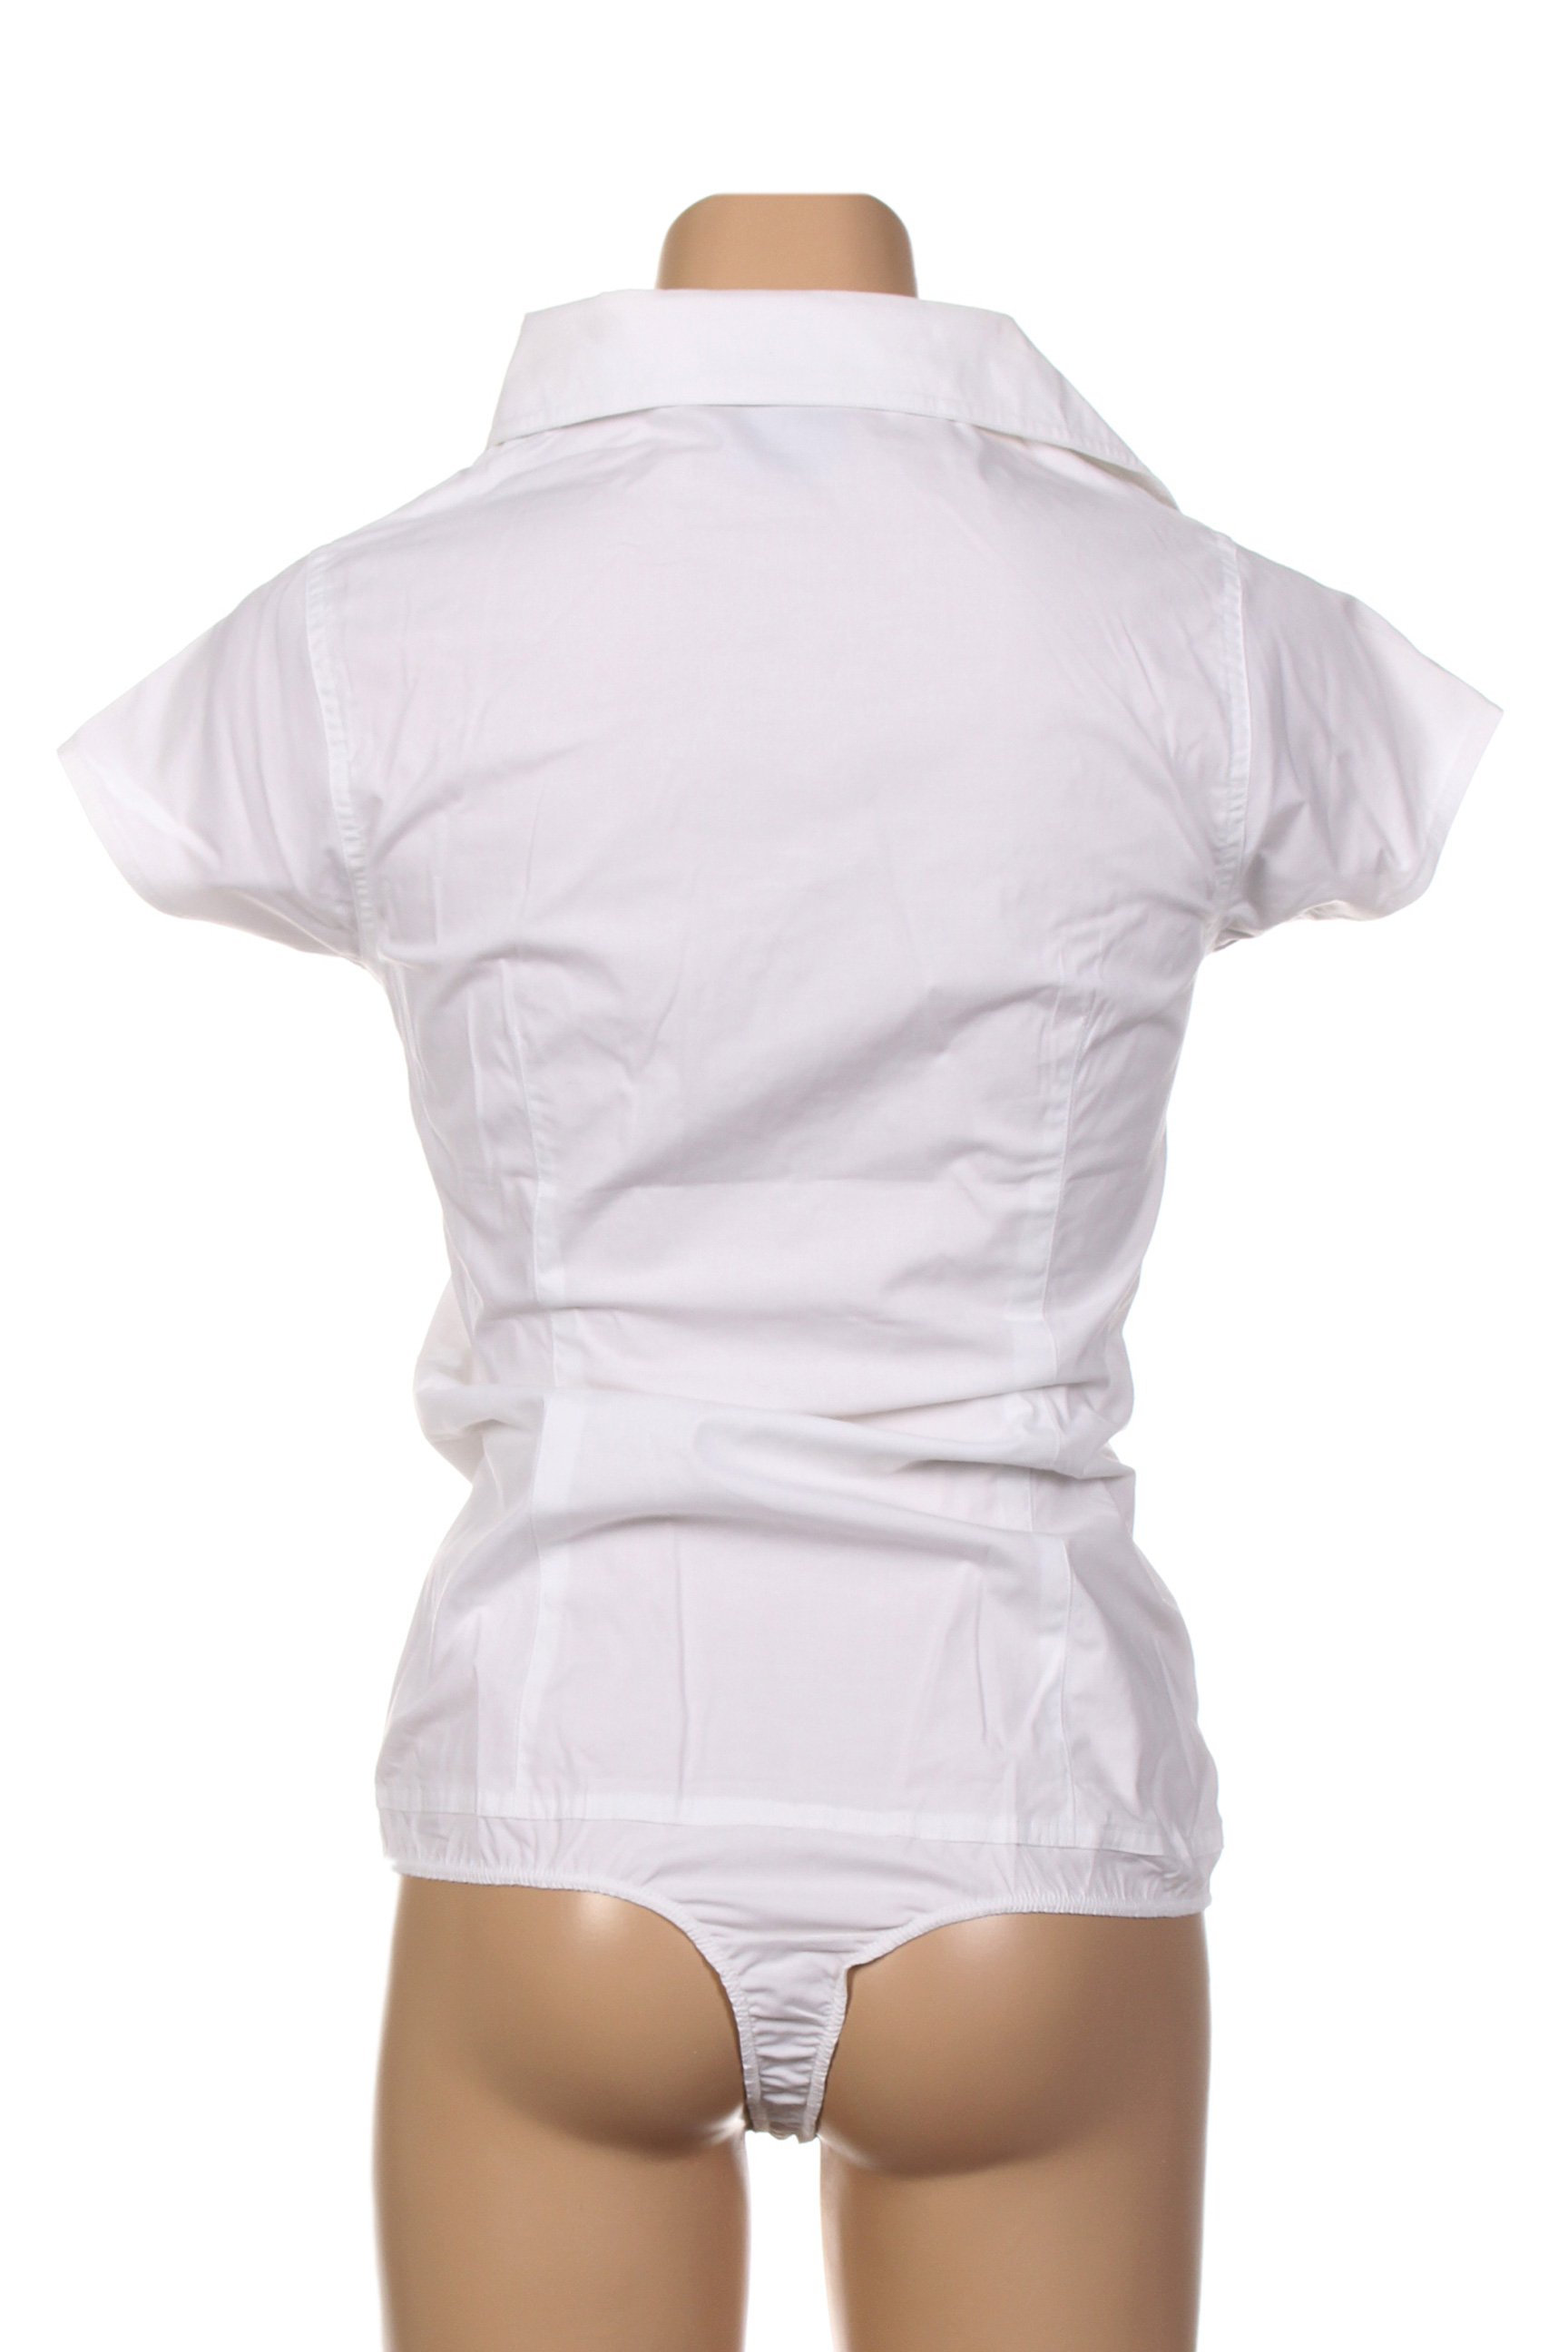 Karl Kani Body Femme De Couleur Blanc En Soldes Pas Cher 1377124-blanc0